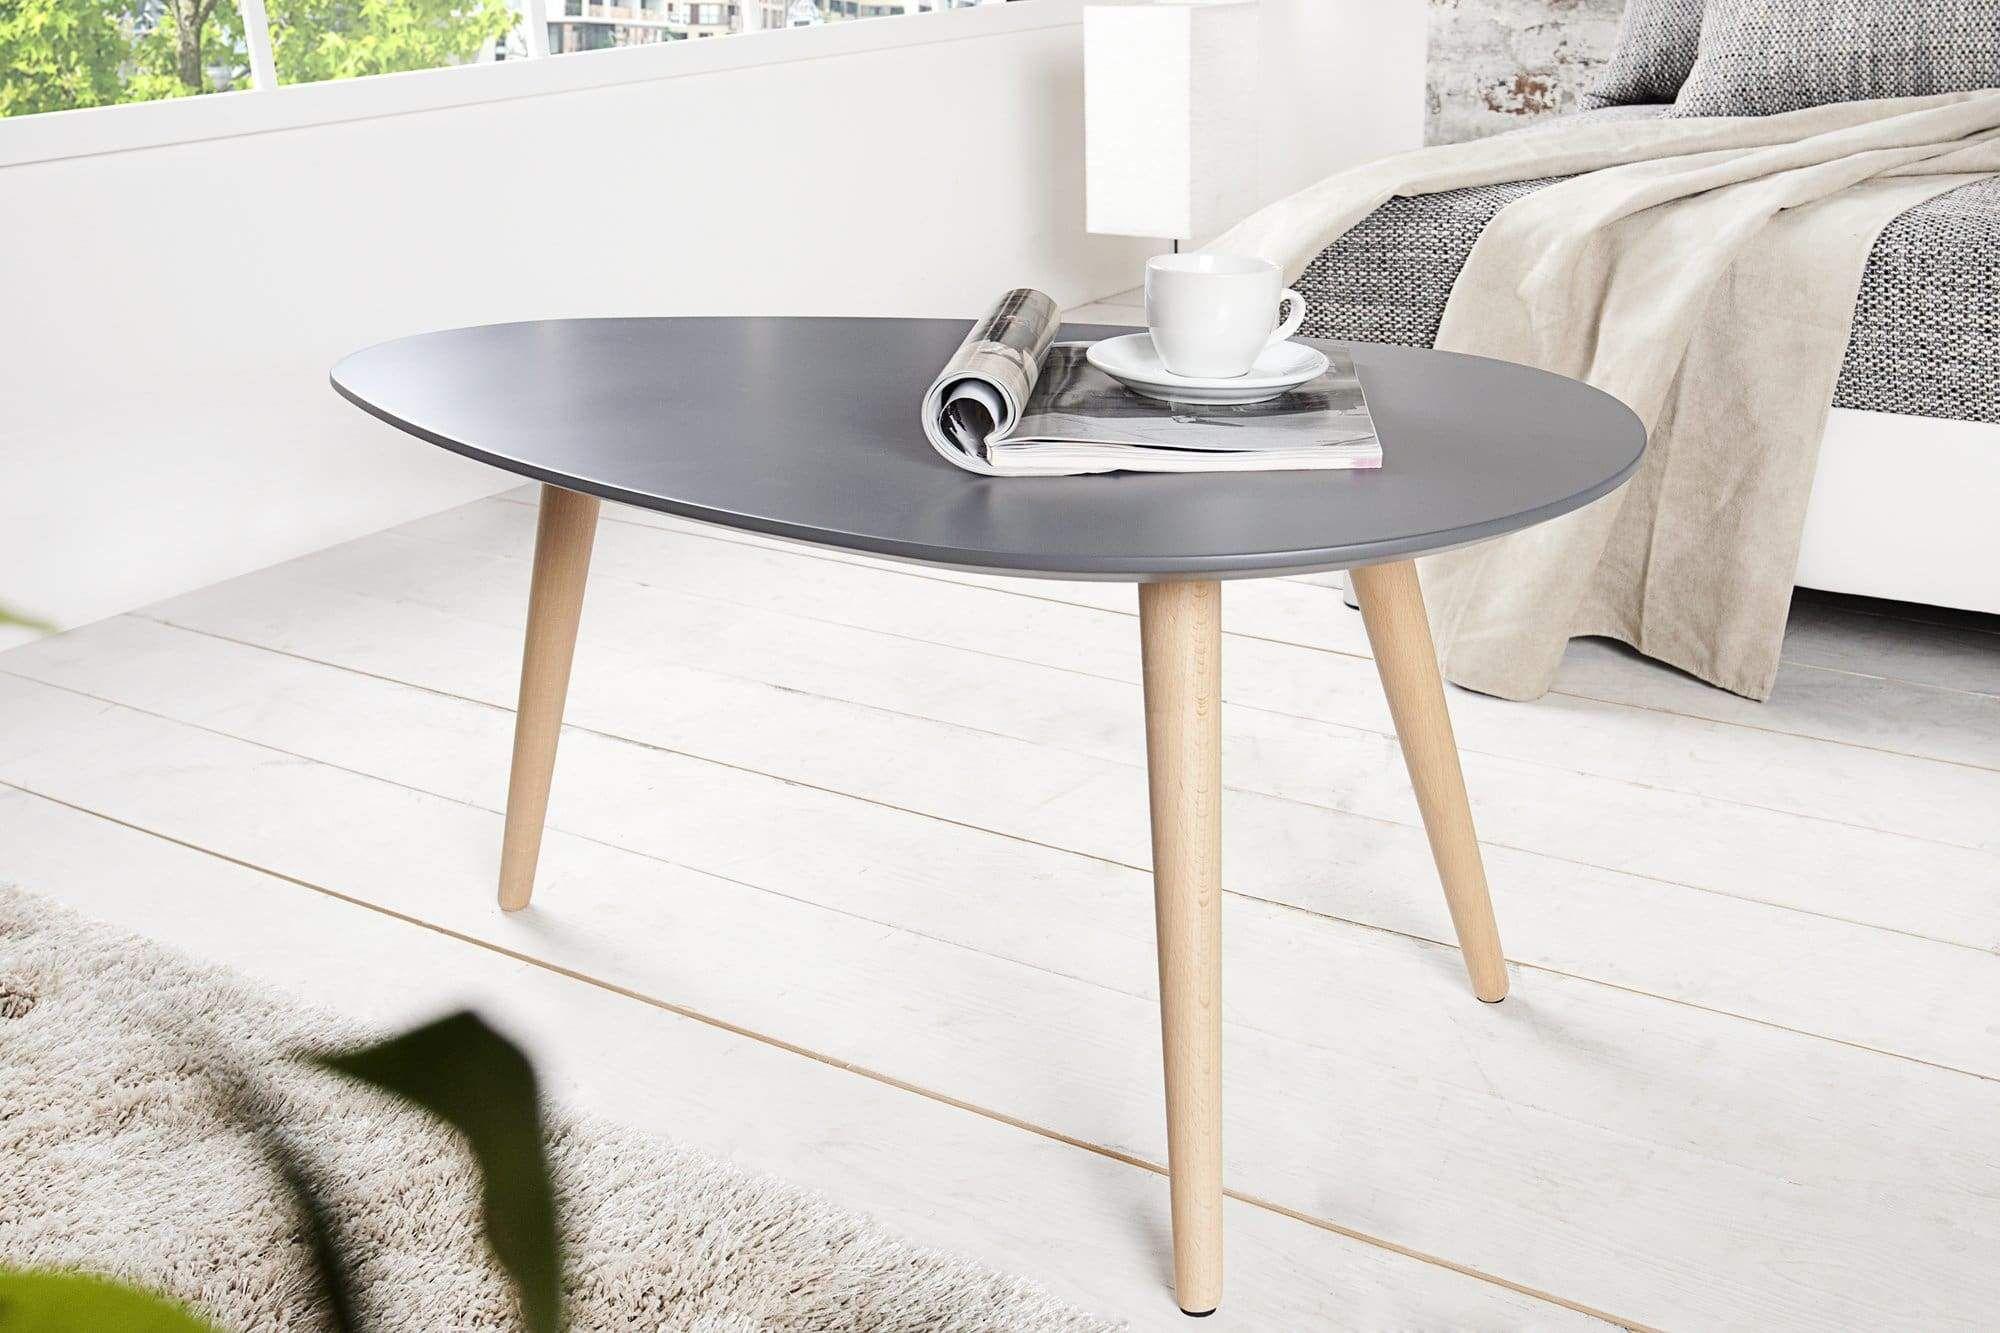 Tavoli scandinavi: design, caratteristiche e raccomandazioni